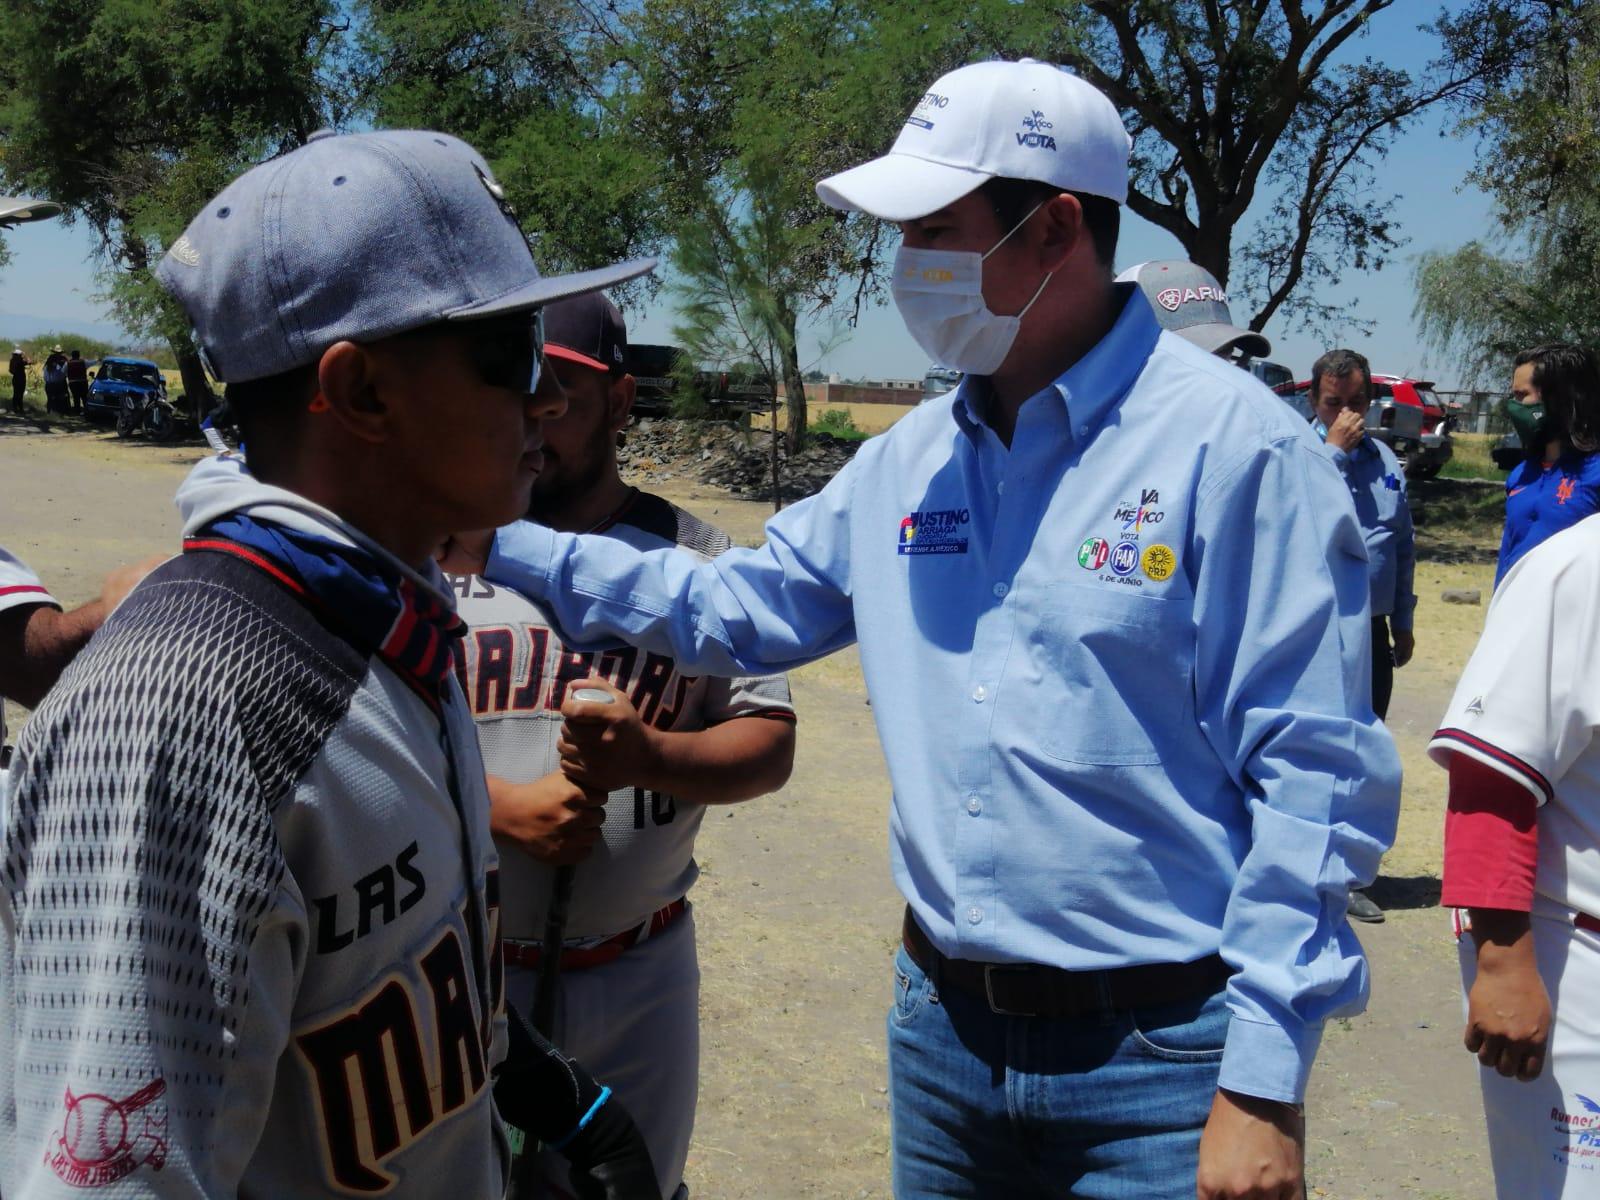 Apoyos al deporte, al campo y mejora de caminos vecinales, piden habitantes de Ancón a Justino Arriaga